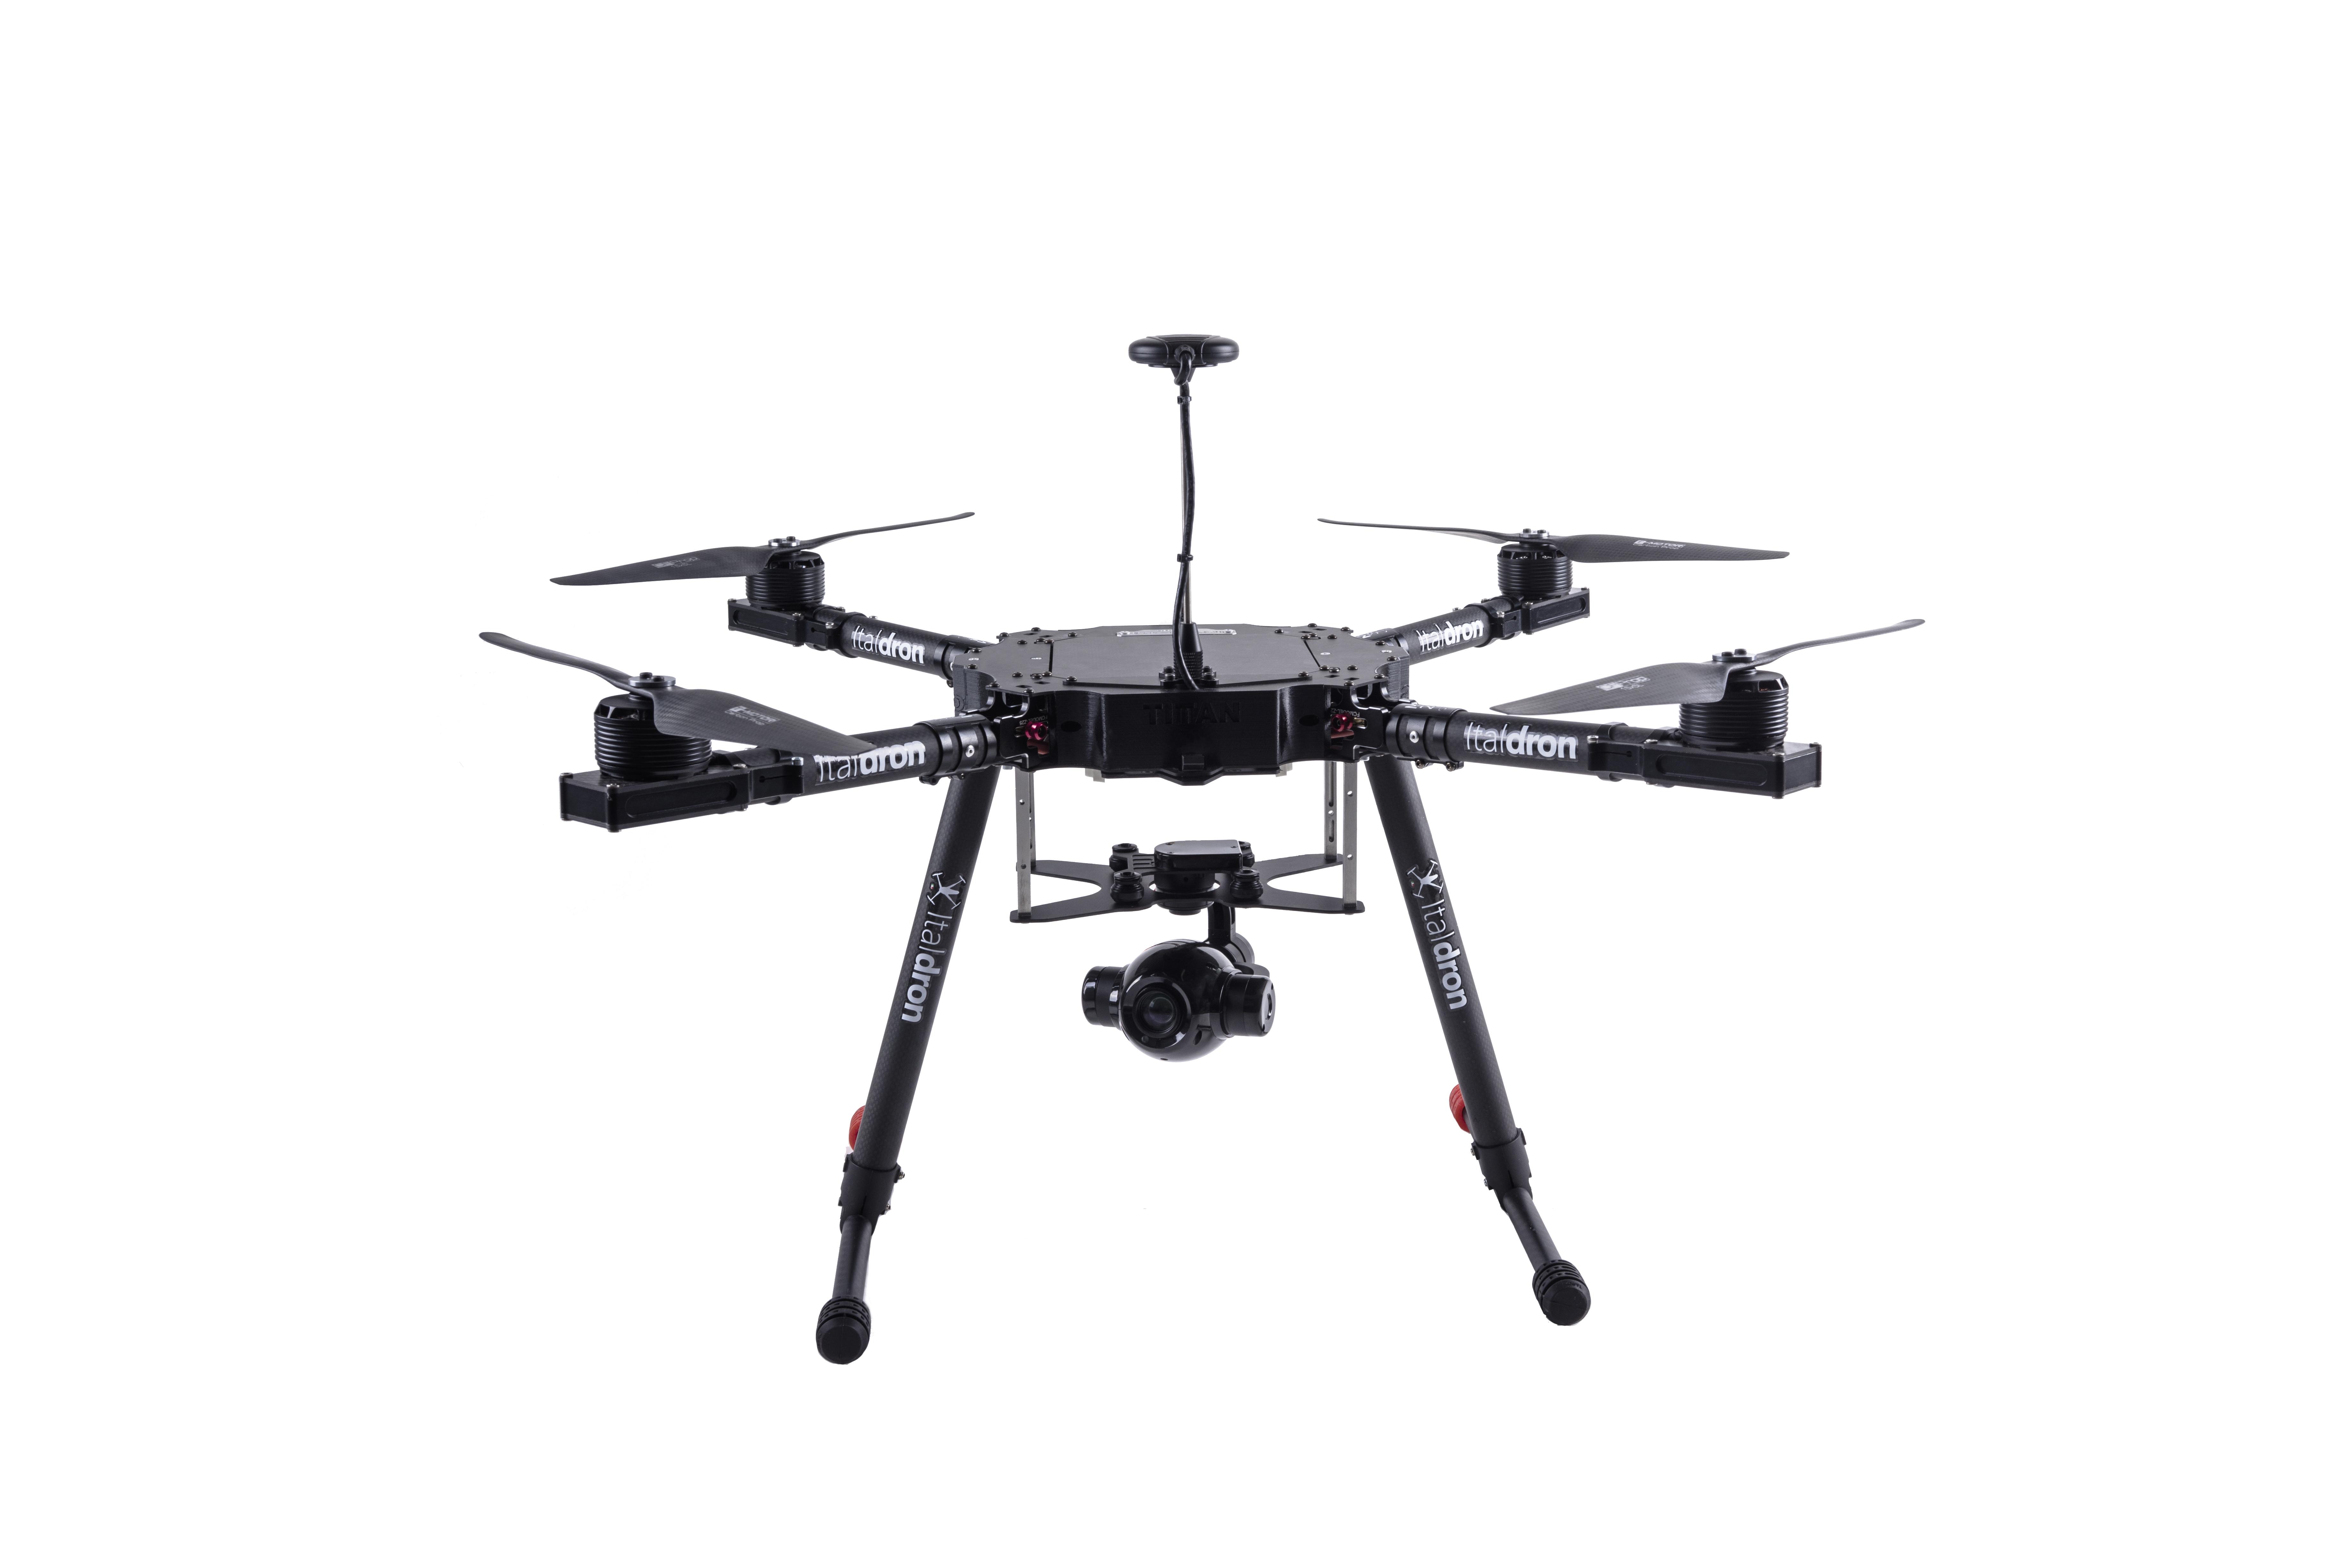 drone professionale titan 4hse: produzione e vendita droni professionali italiani